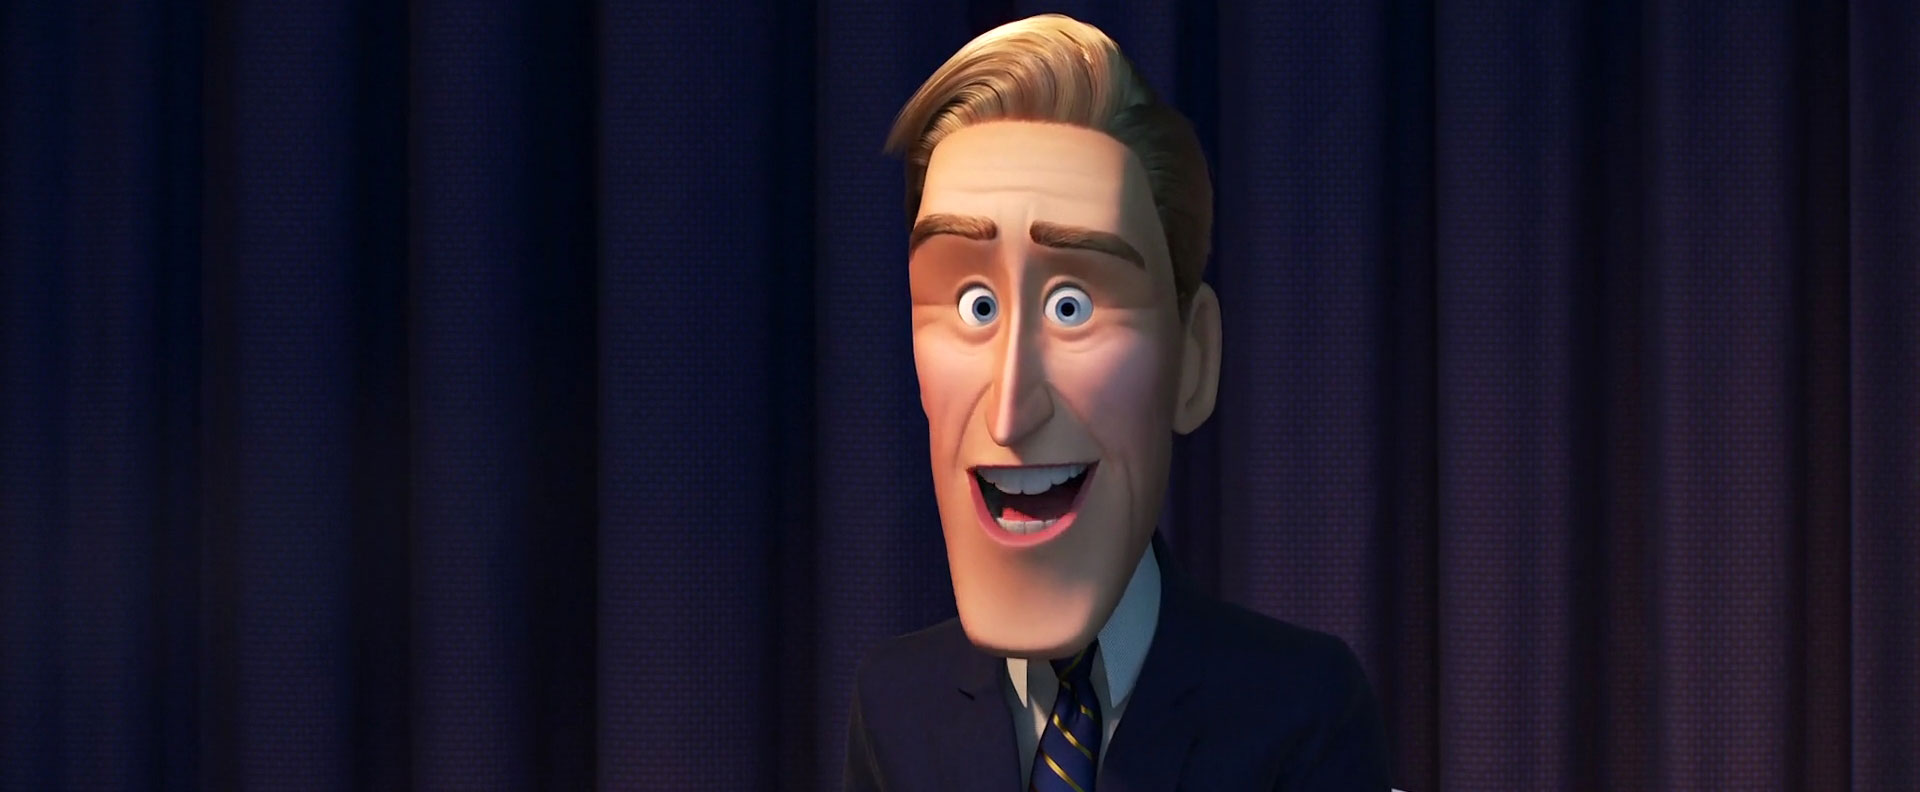 کیفیت گرافیکی انیمیشن Incredibles 2